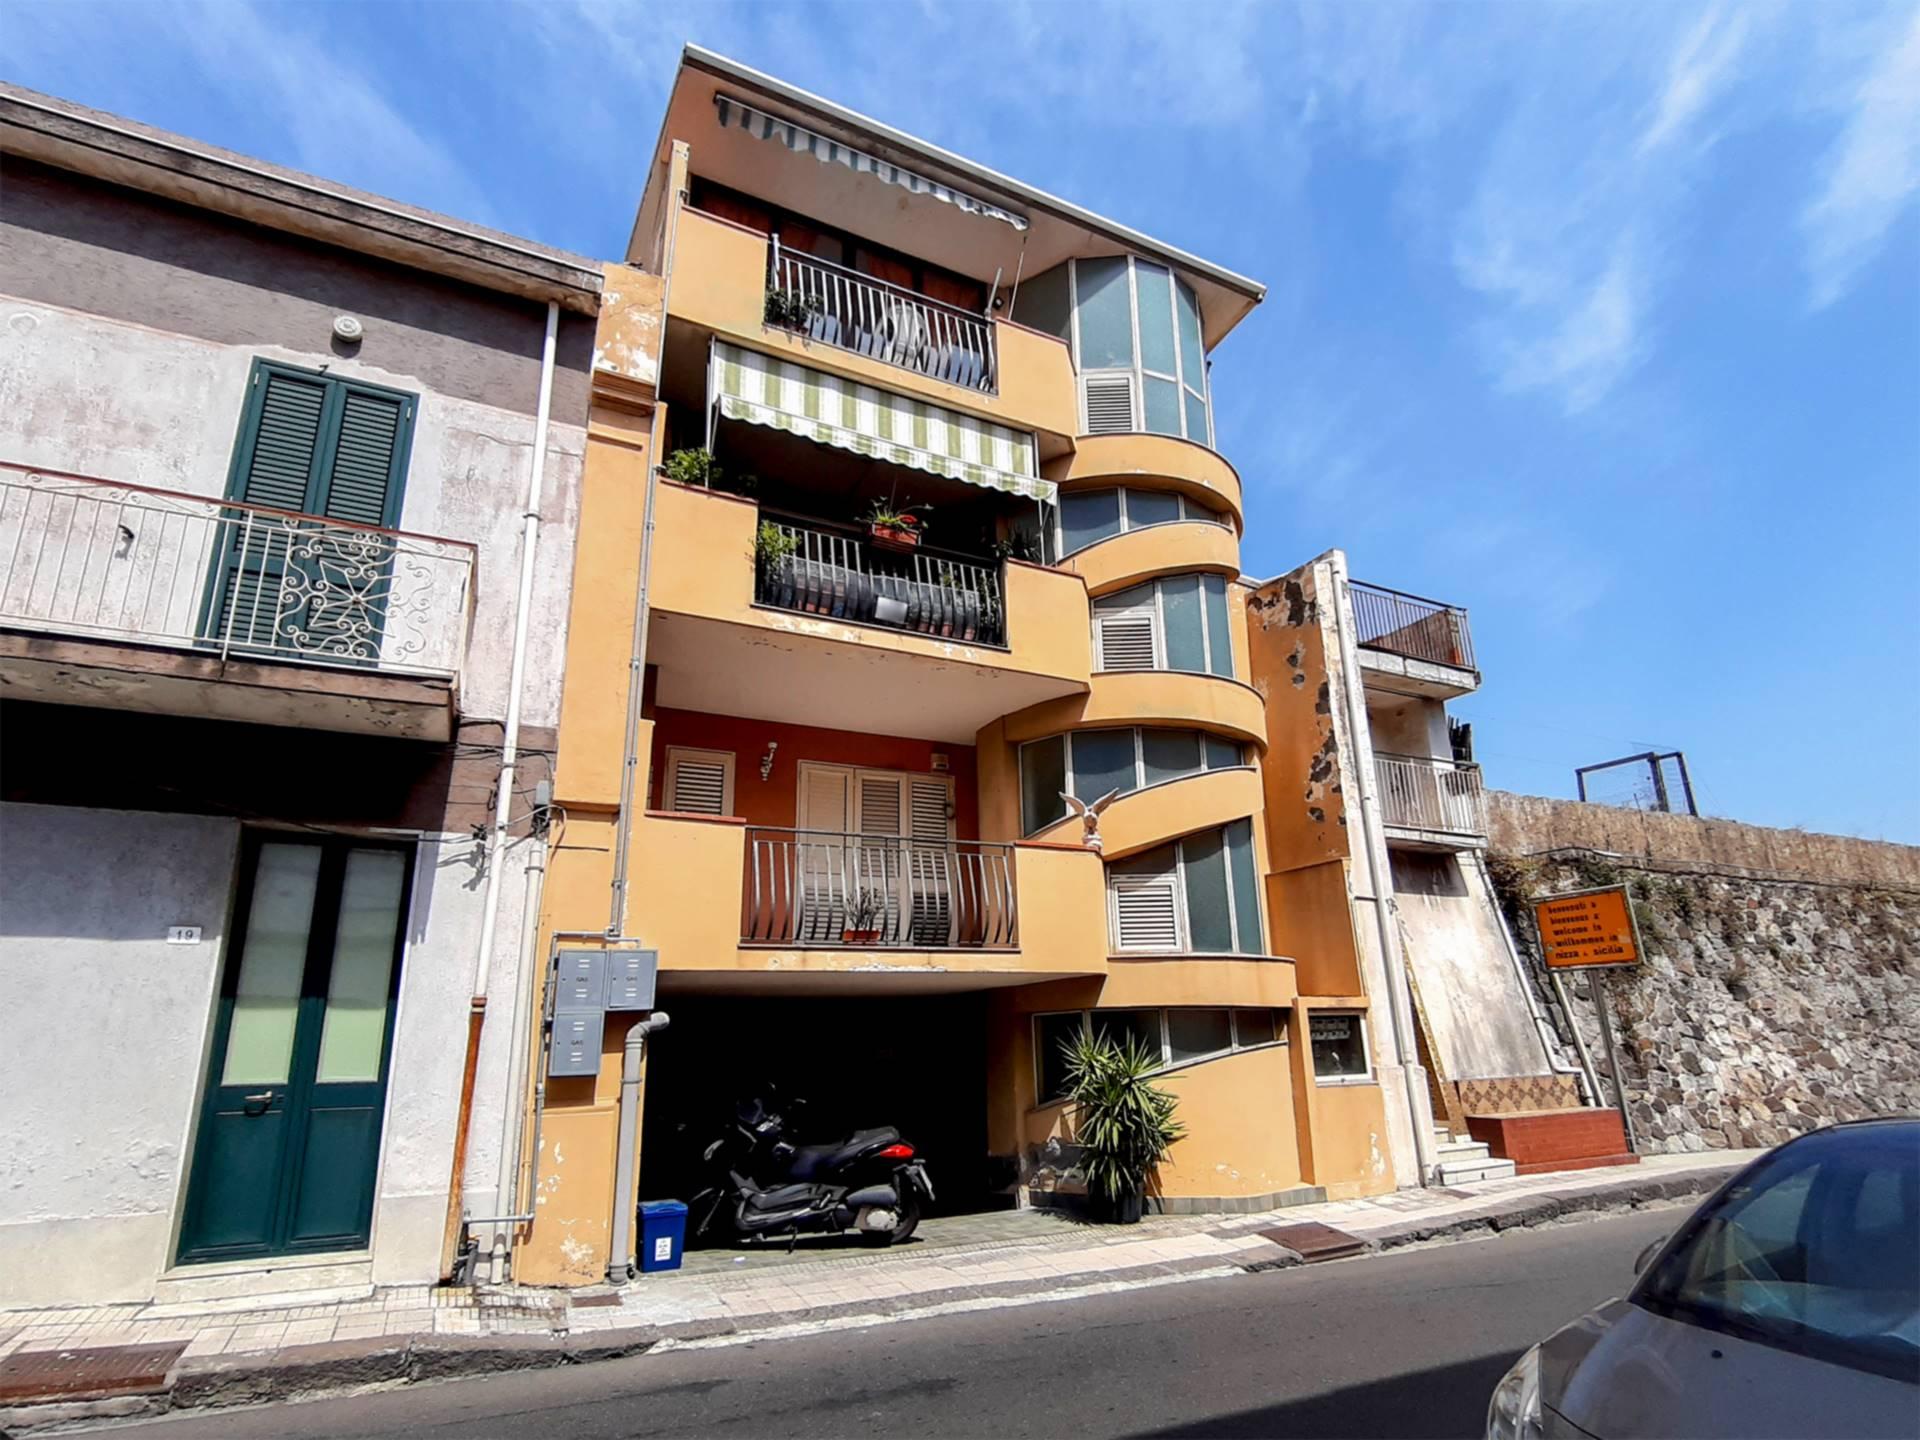 Appartamento in vendita a Nizza di Sicilia, 4 locali, prezzo € 137.000 | PortaleAgenzieImmobiliari.it